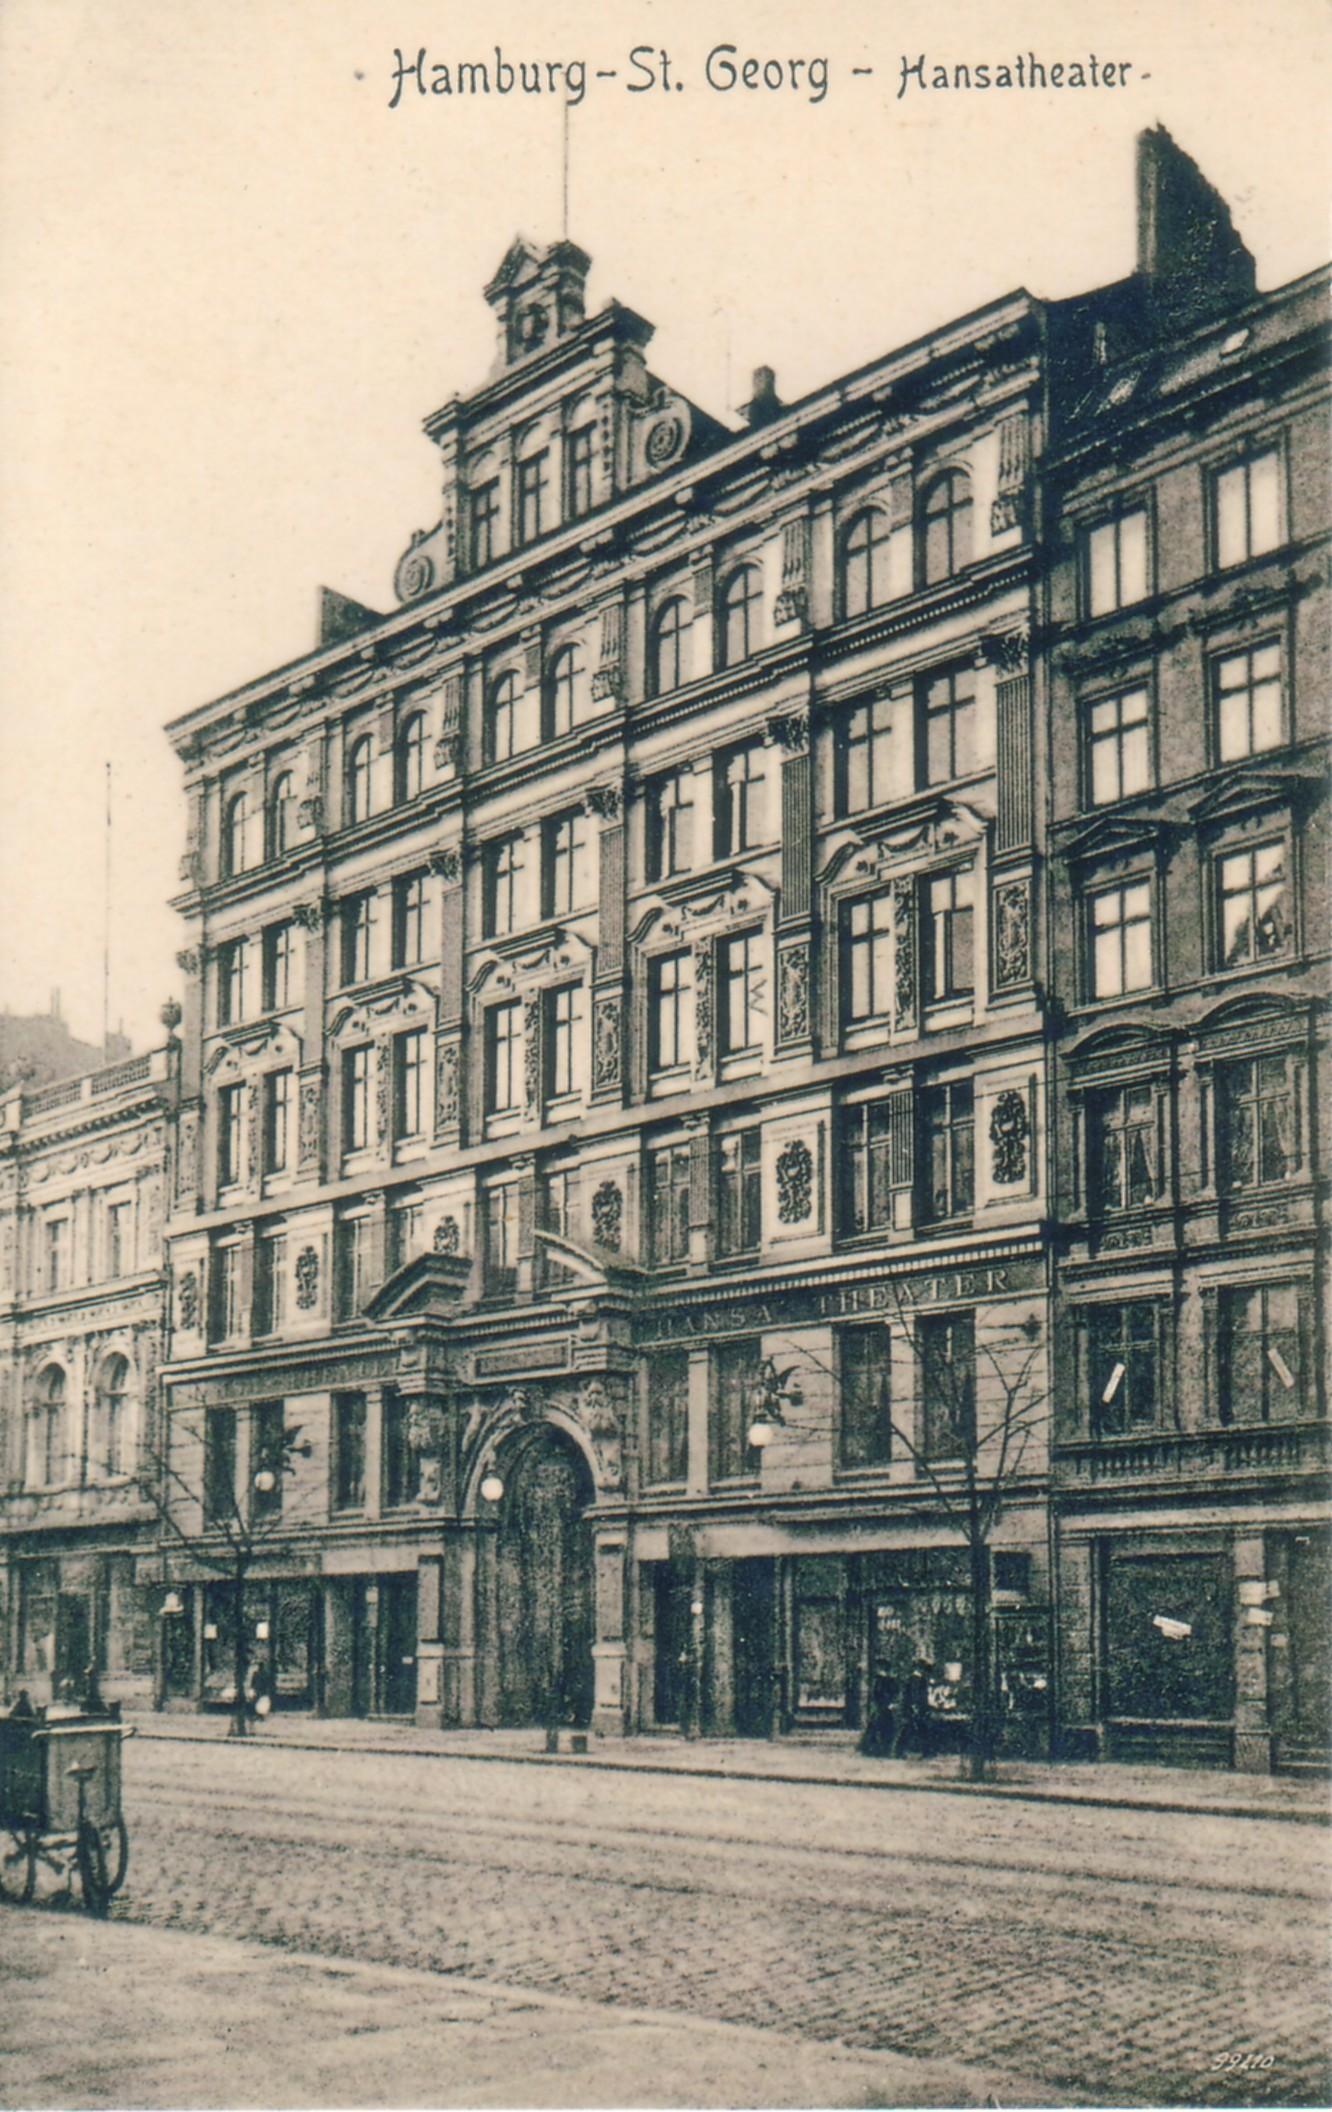 1900 Hansetheater